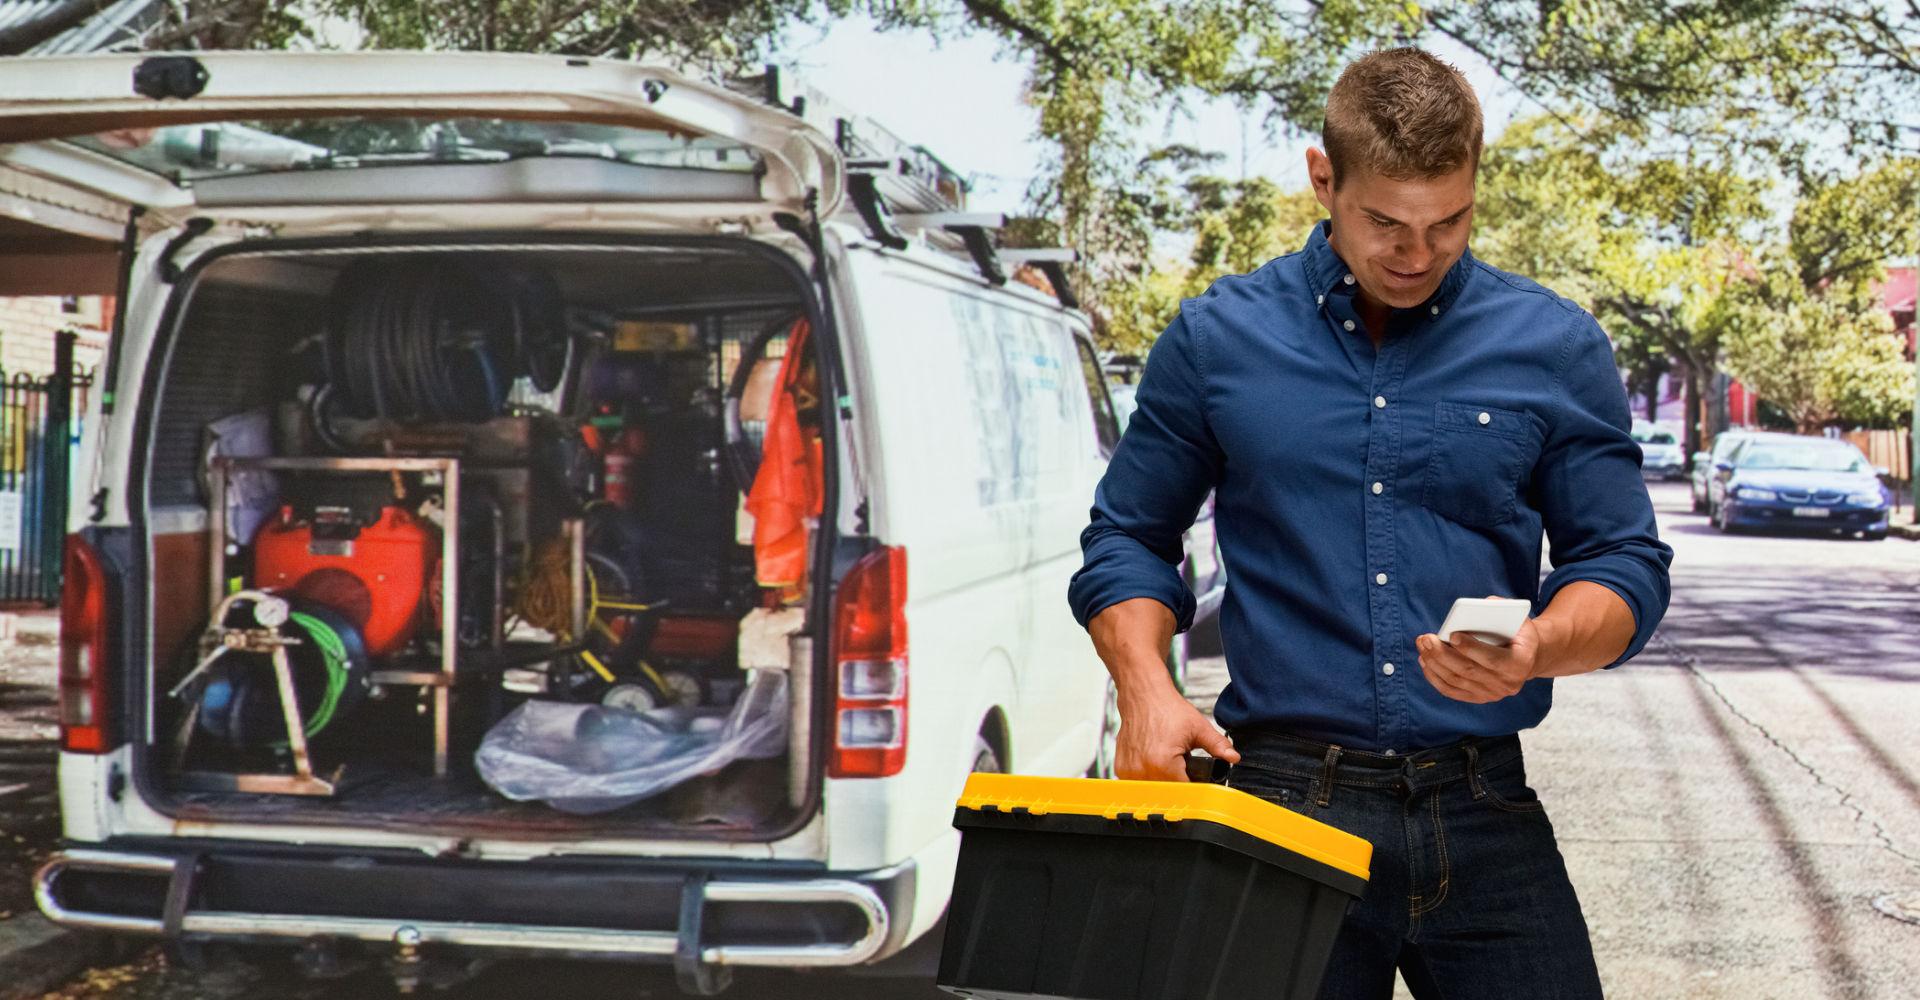 Handwerker erfasst seine Arbeitszeit via Smartphone